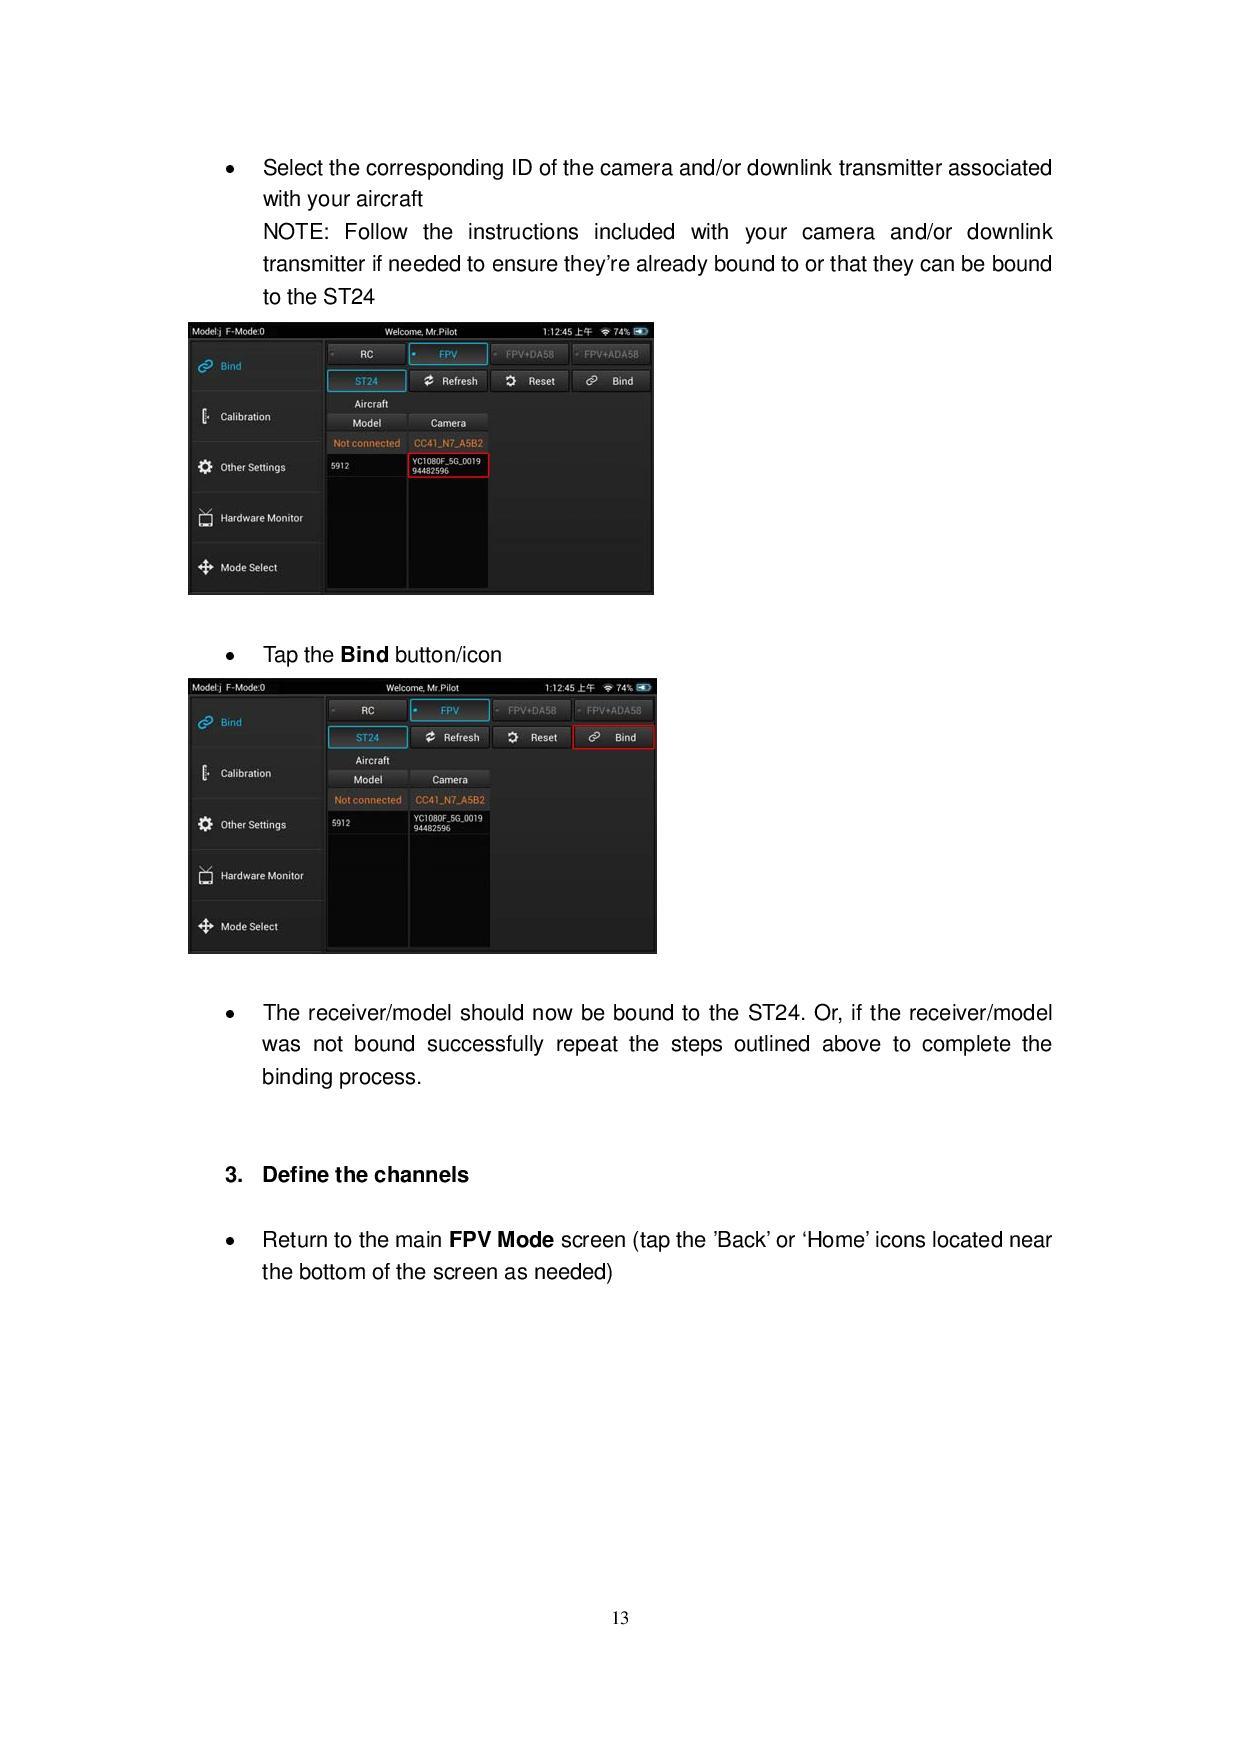 FCCID.NET-2301184-page-013.jpg